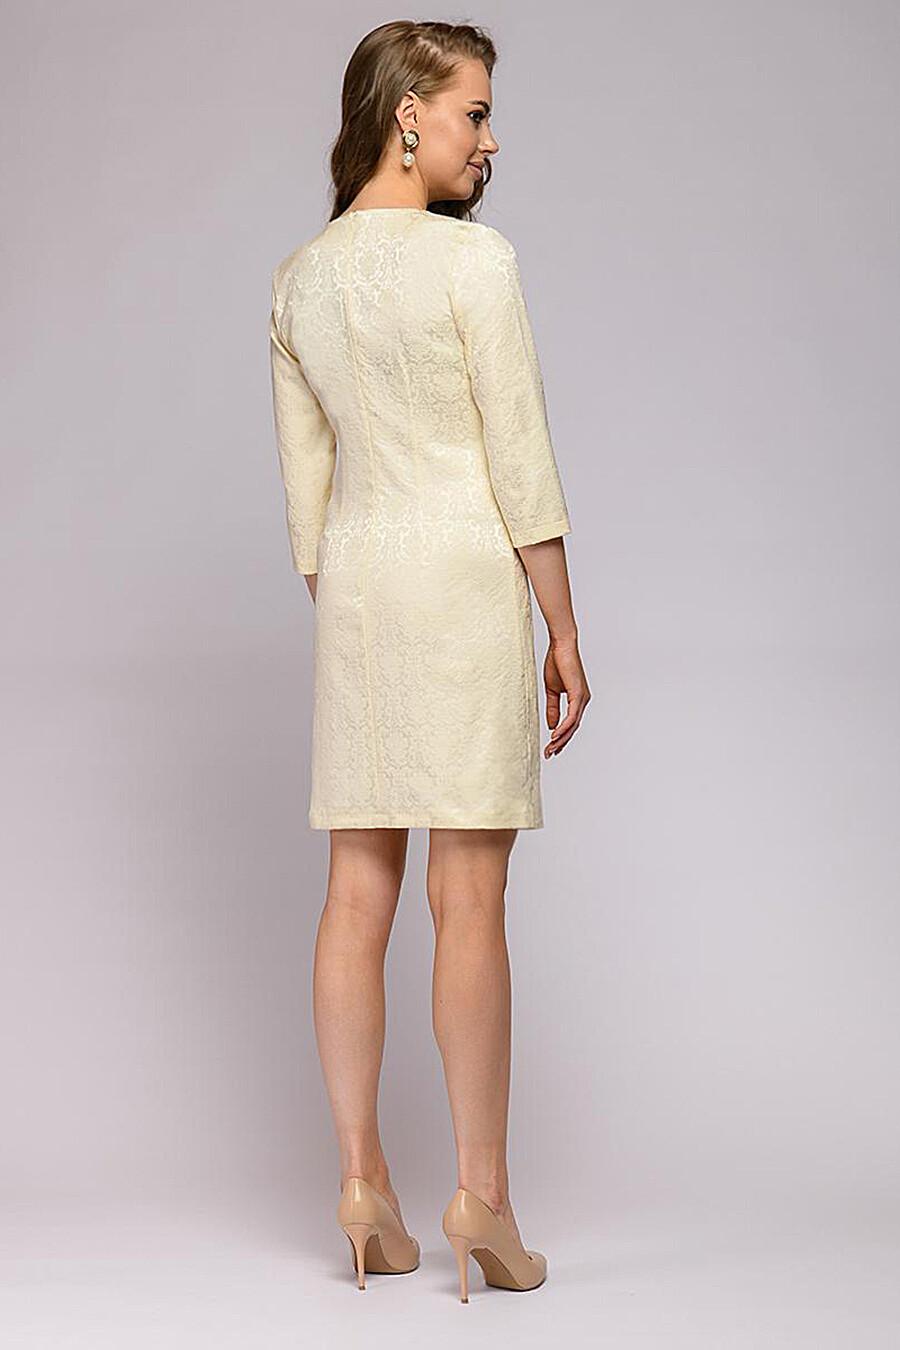 Платье для женщин 1001 DRESS 181011 купить оптом от производителя. Совместная покупка женской одежды в OptMoyo